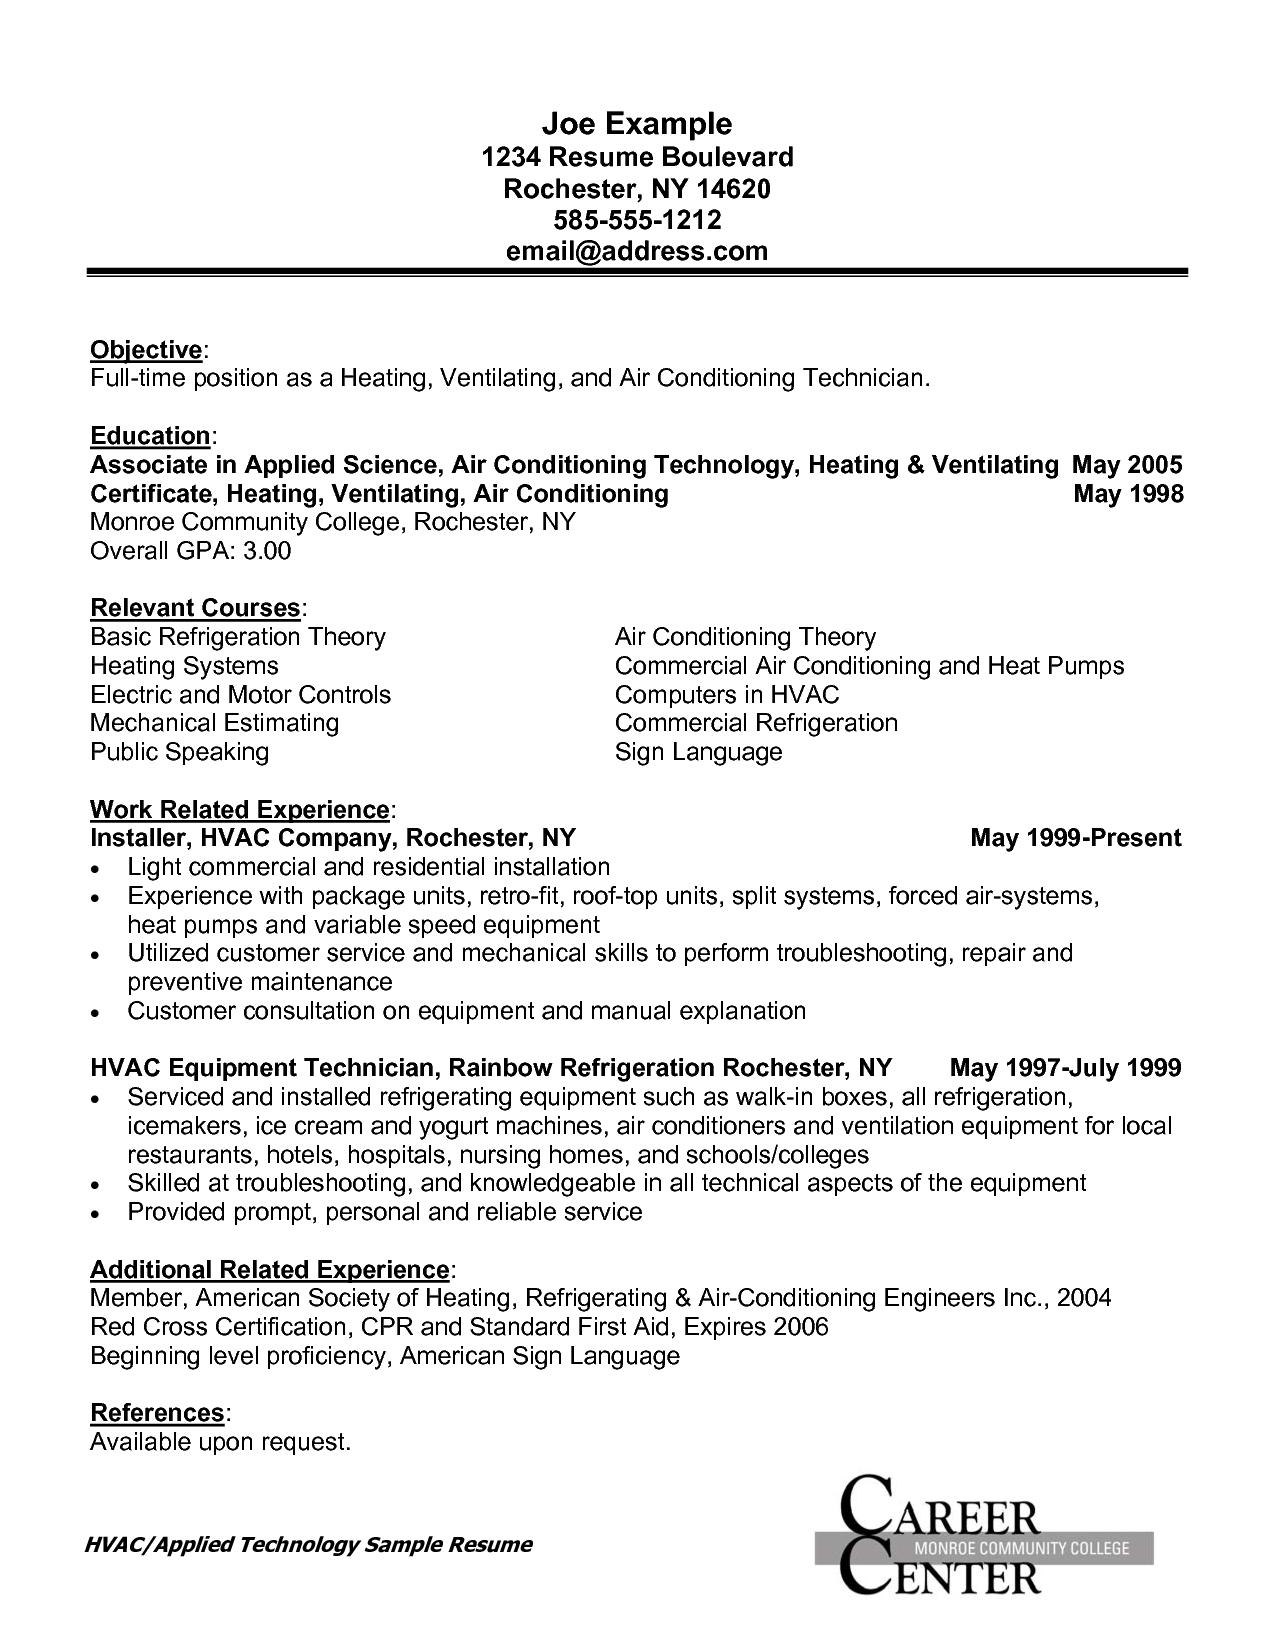 Hvac Cover Letter Template - Sample Resume for Field Service Technician Field Service Technician